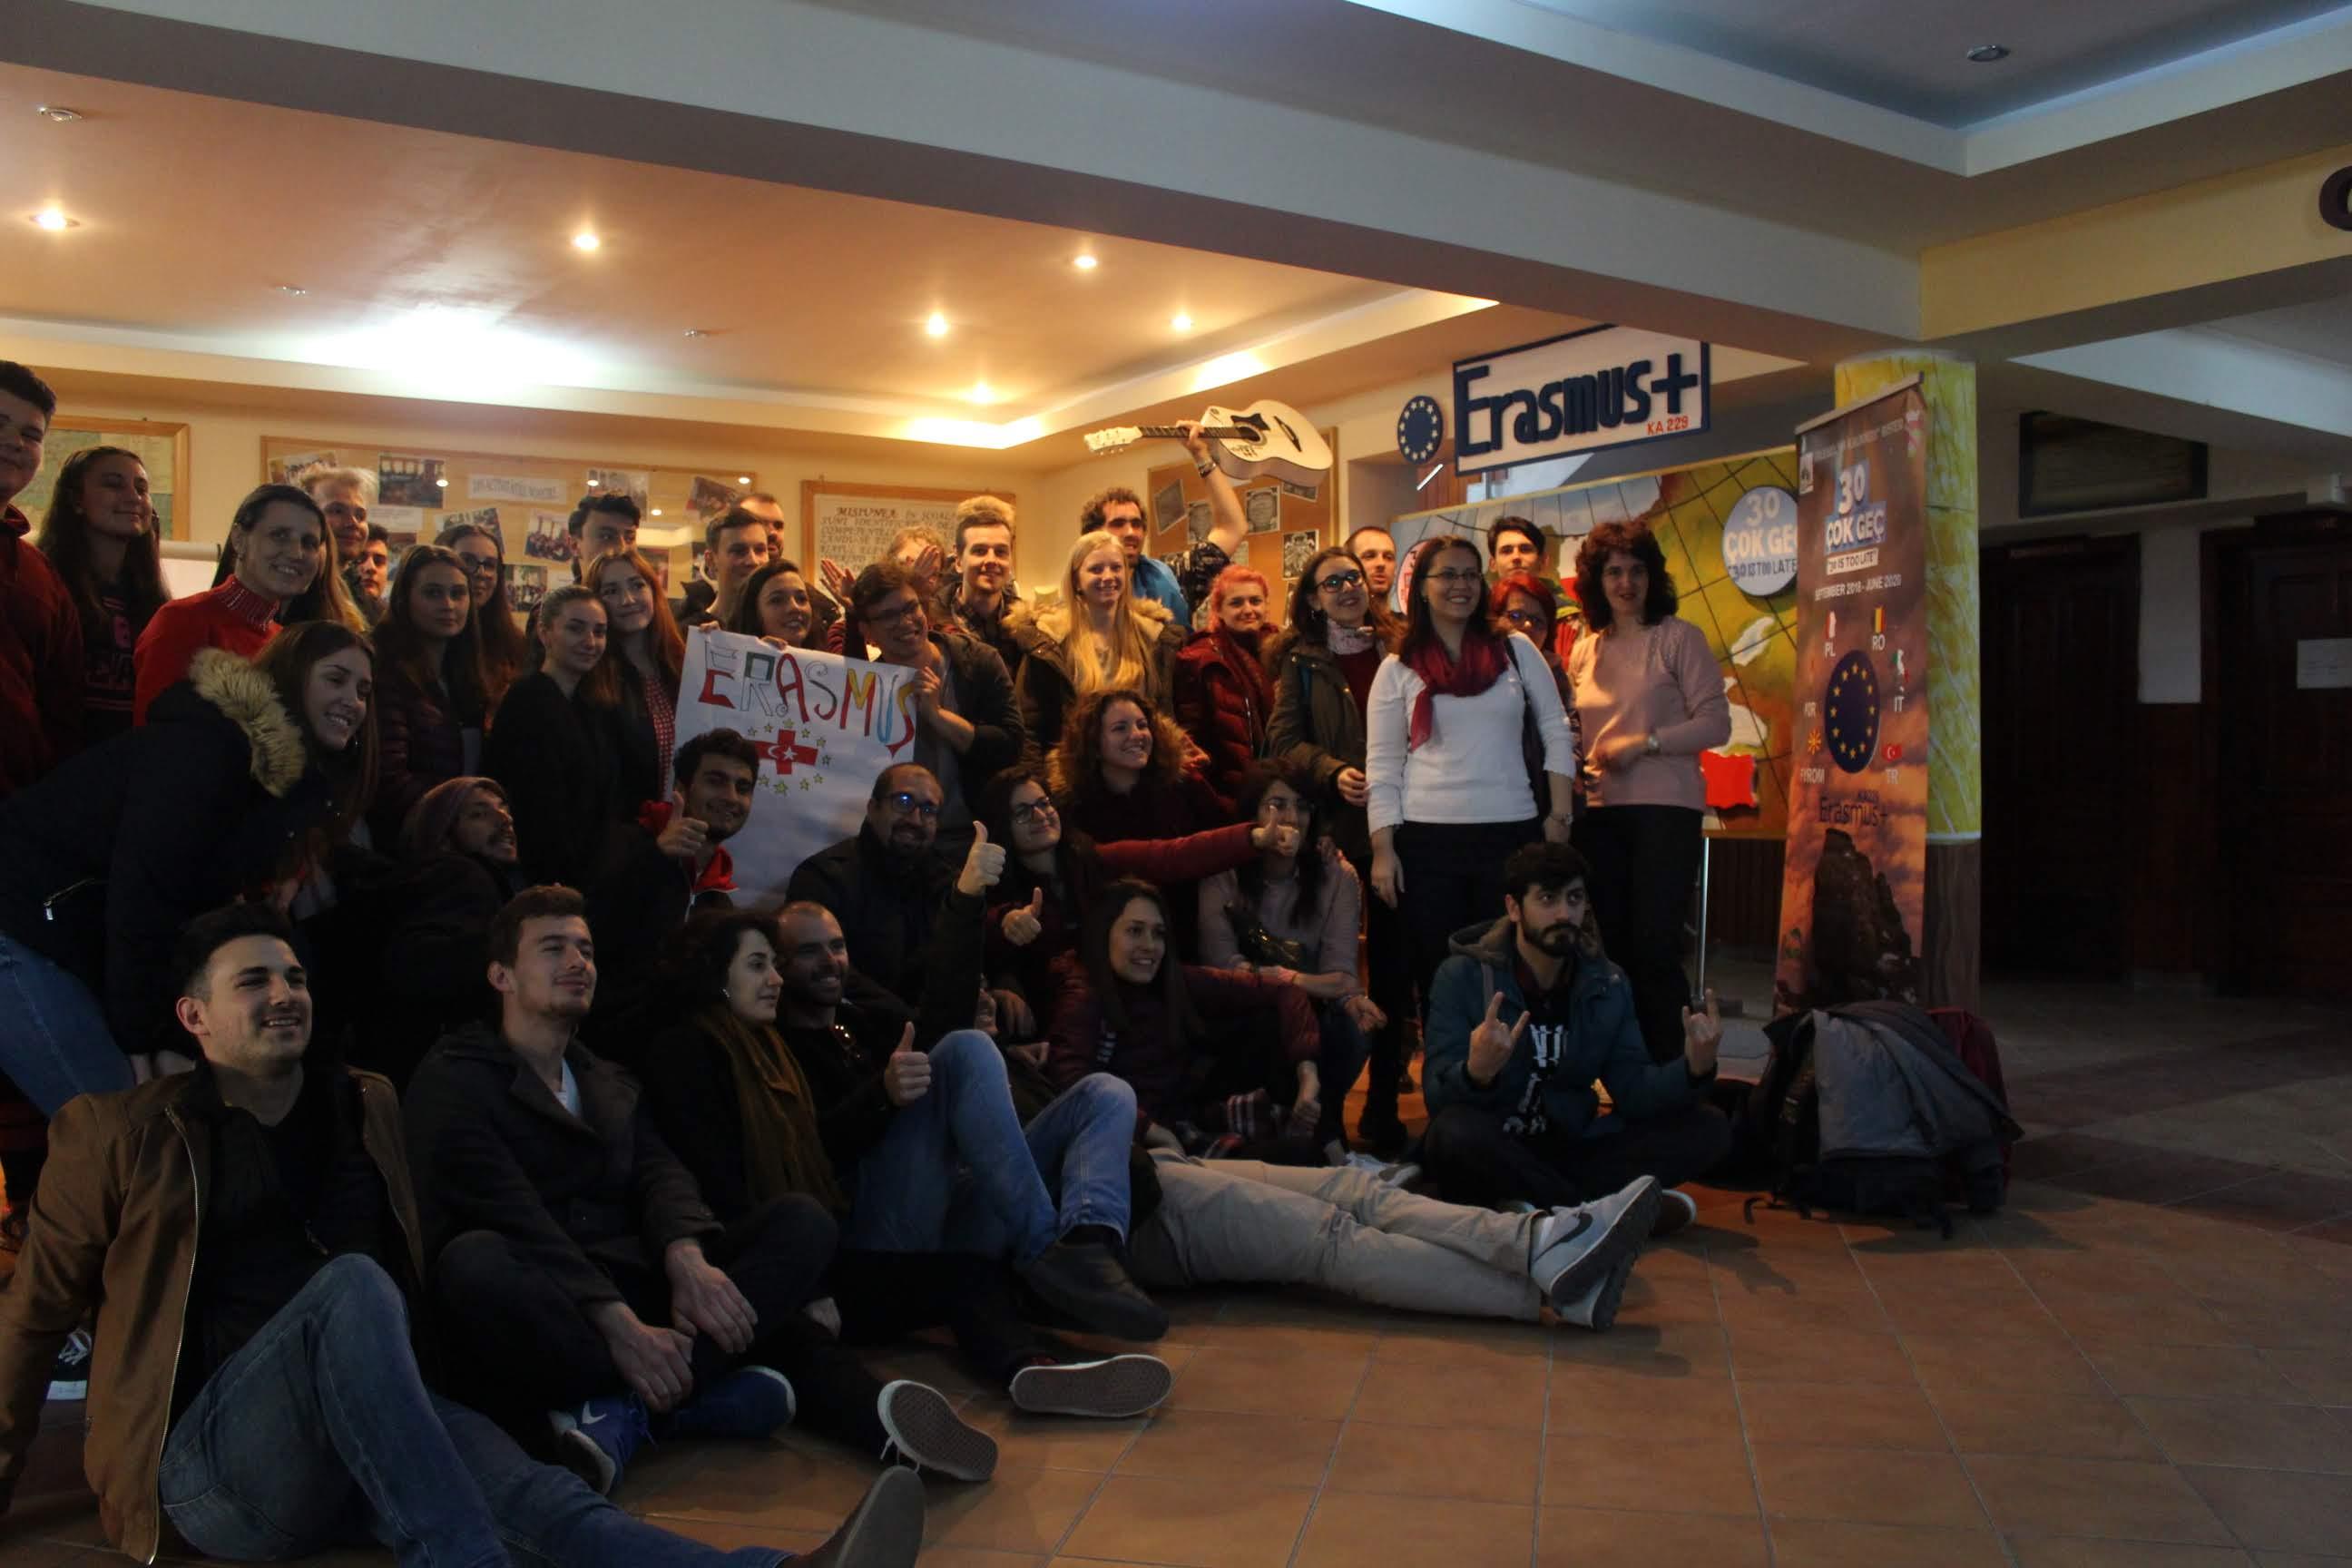 proyecto en rumania 1 - Las asociaciones locales El Uali Sahara y Aktive Kosmos en Rumanía